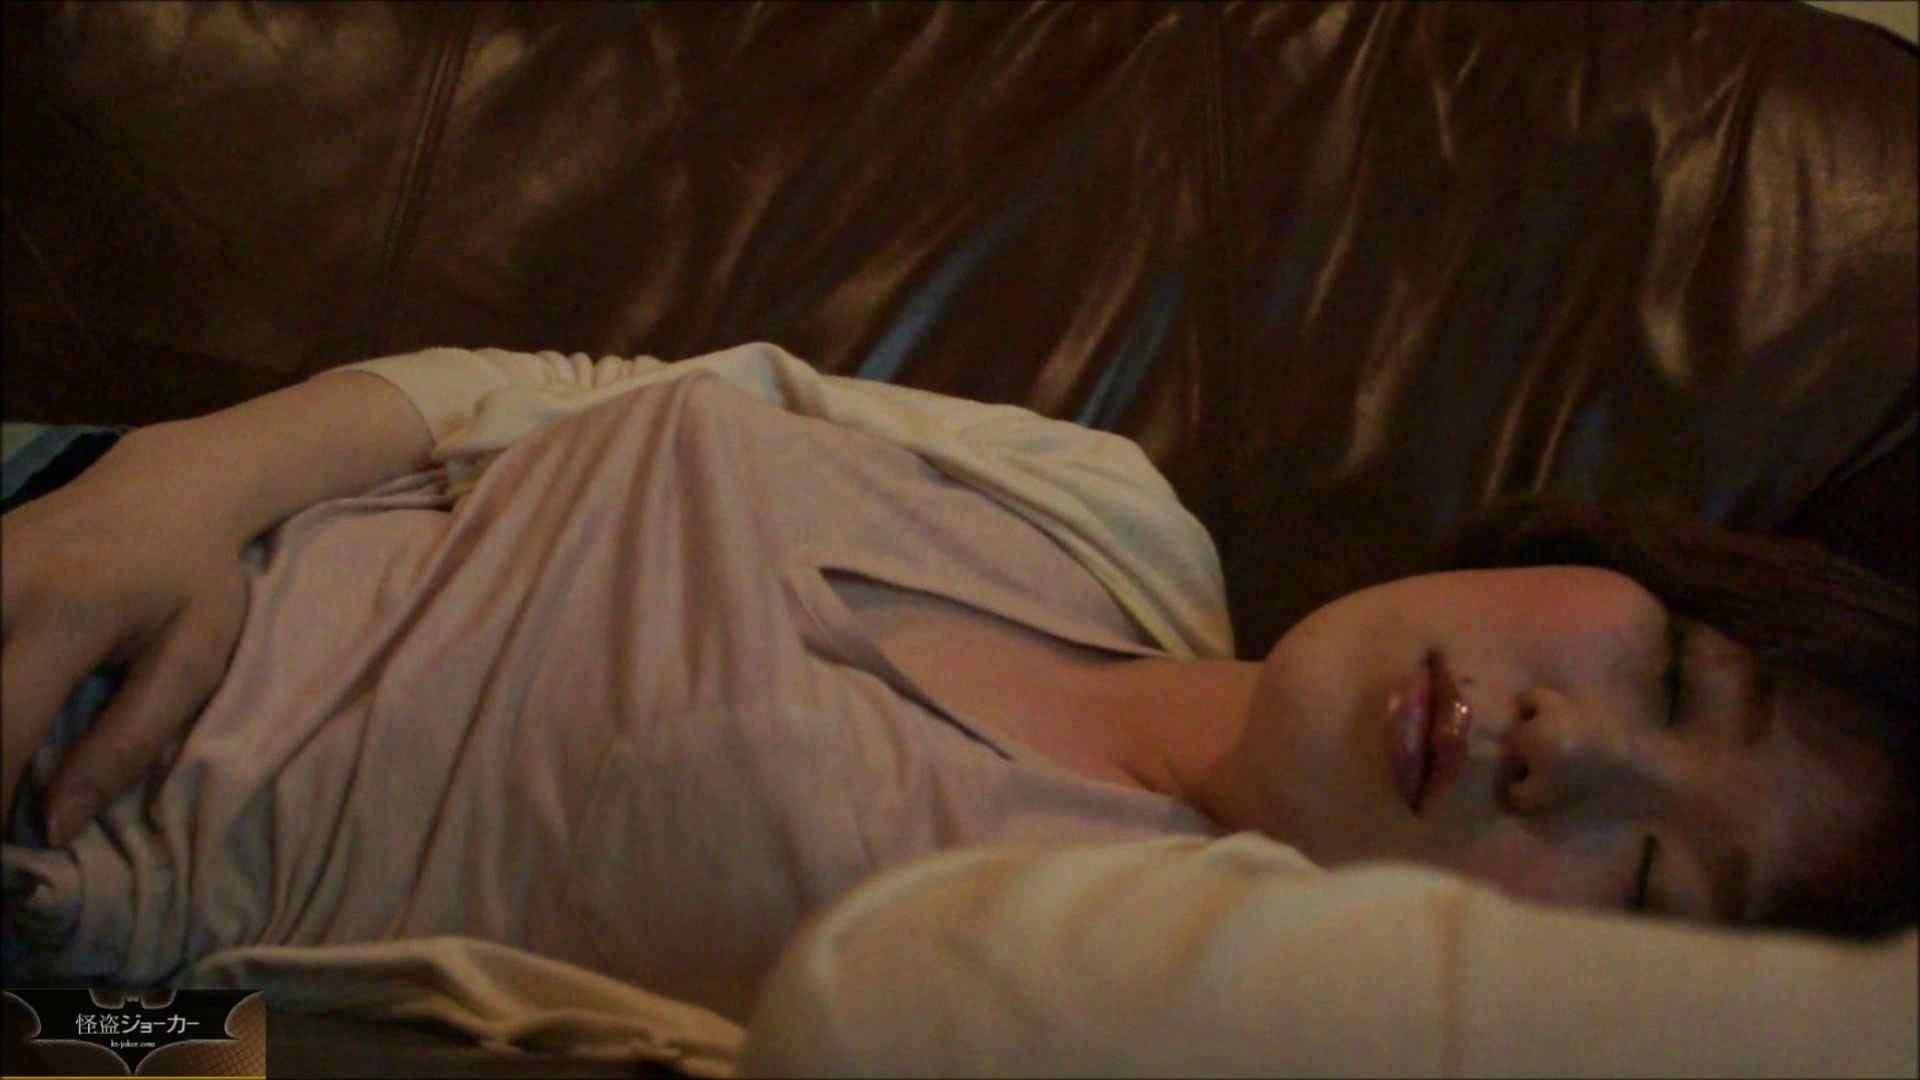 vol.2【白衣の天使・23歳】☆のりこちゃん☆カラオケで酔い潰して!! エッチなOL  104枚 75